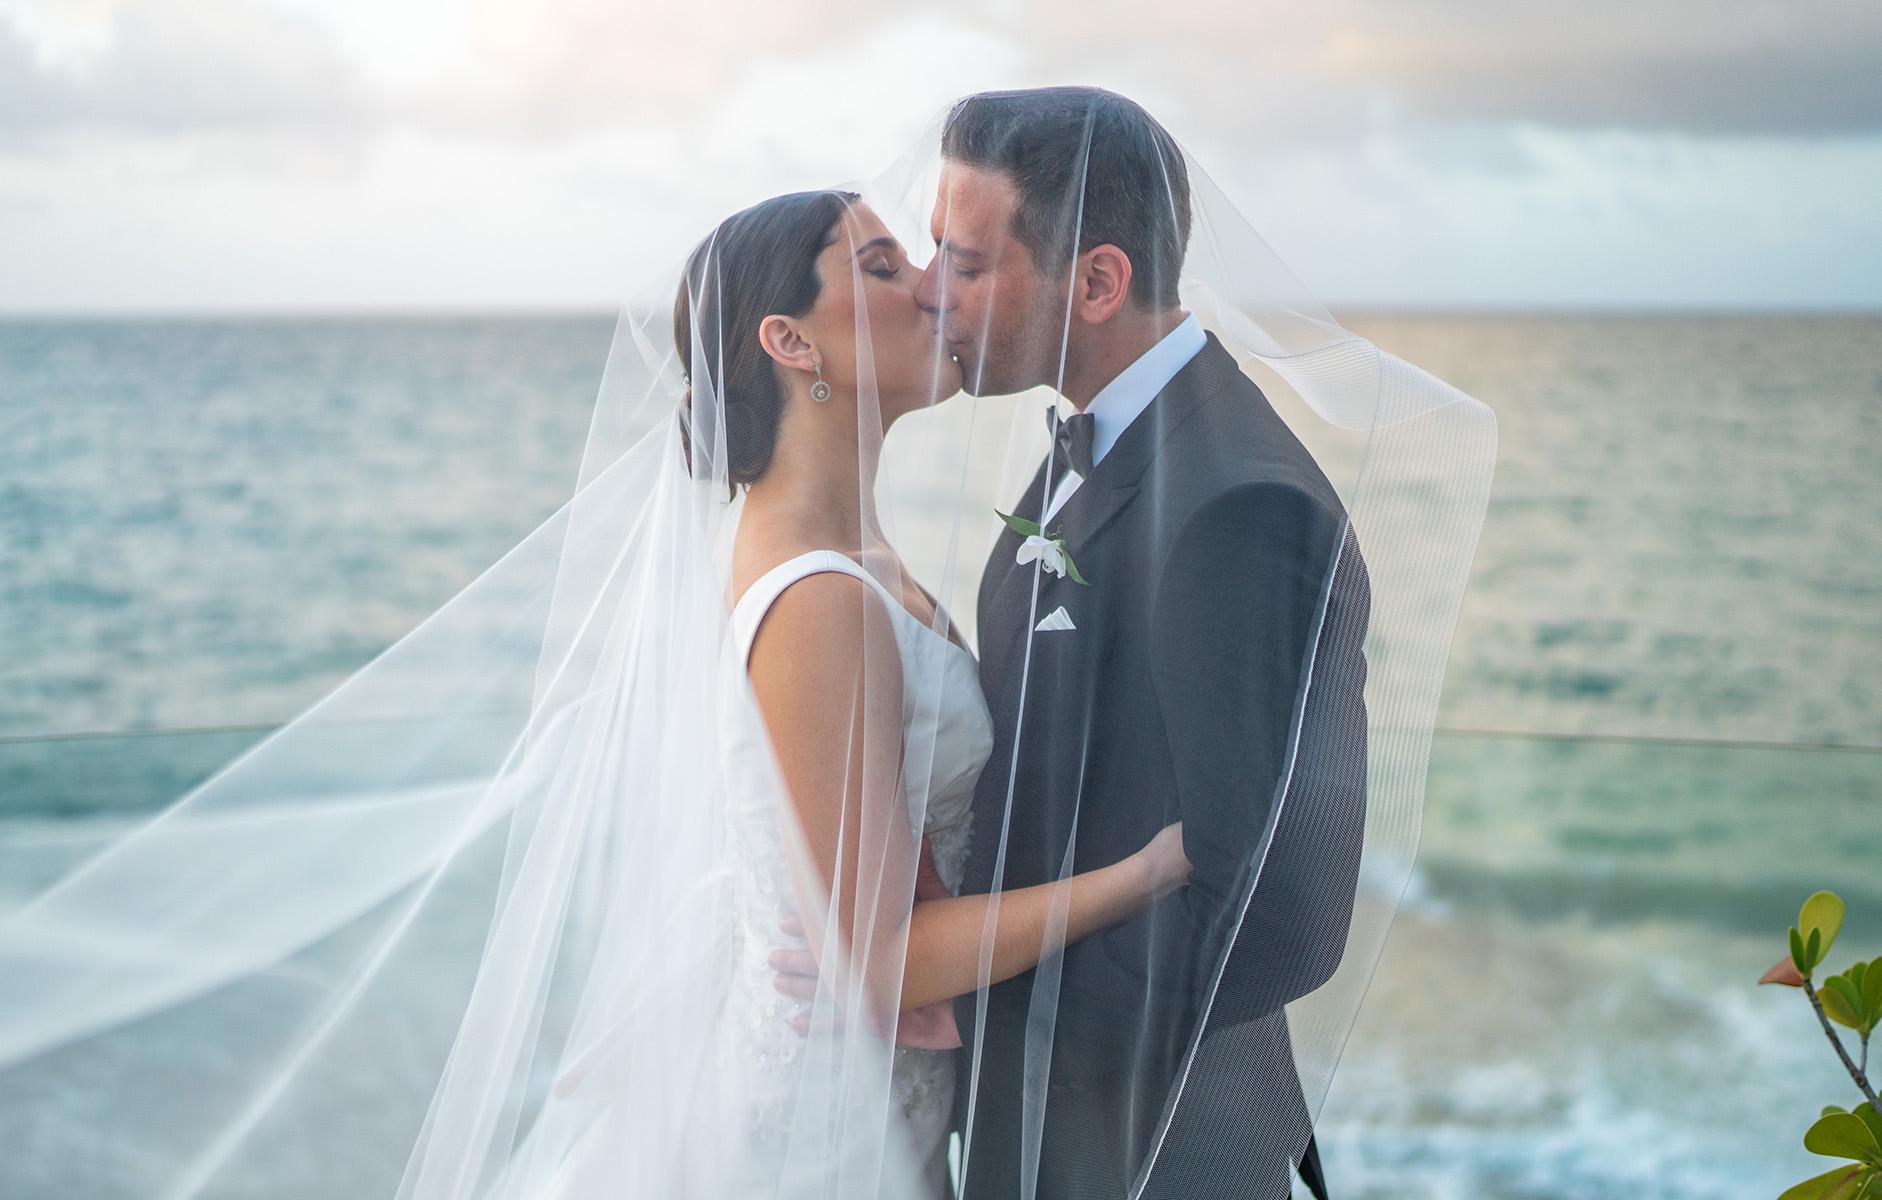 Los novios -que fueron de luna de miel a St. Lucía- en una romántica foto de Wilo Rosado.